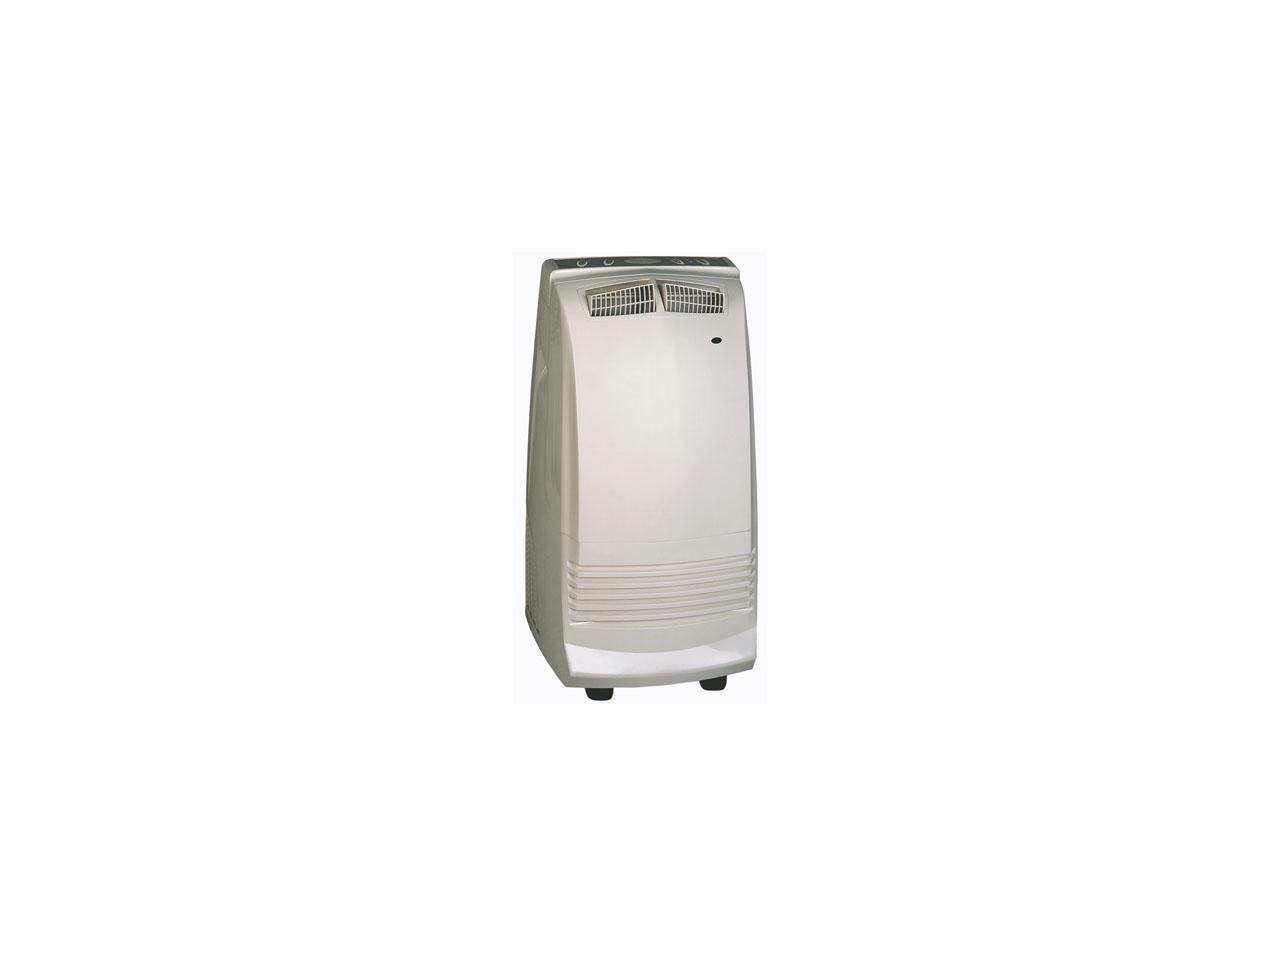 SOLEUS AIR KY32U 12,000 Cooling Capacity (BTU) Portable ...